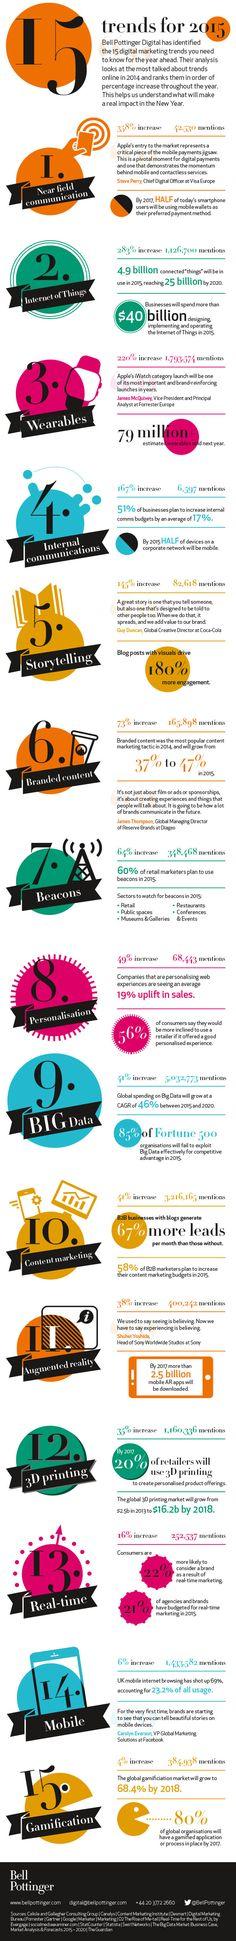 Un' #infografica di Bell Pottinger mostra i 15 #trend che influenzeranno la #tecnologia e il #marketing digitale nel 2015. NFC, IoT e wearables sul podio.